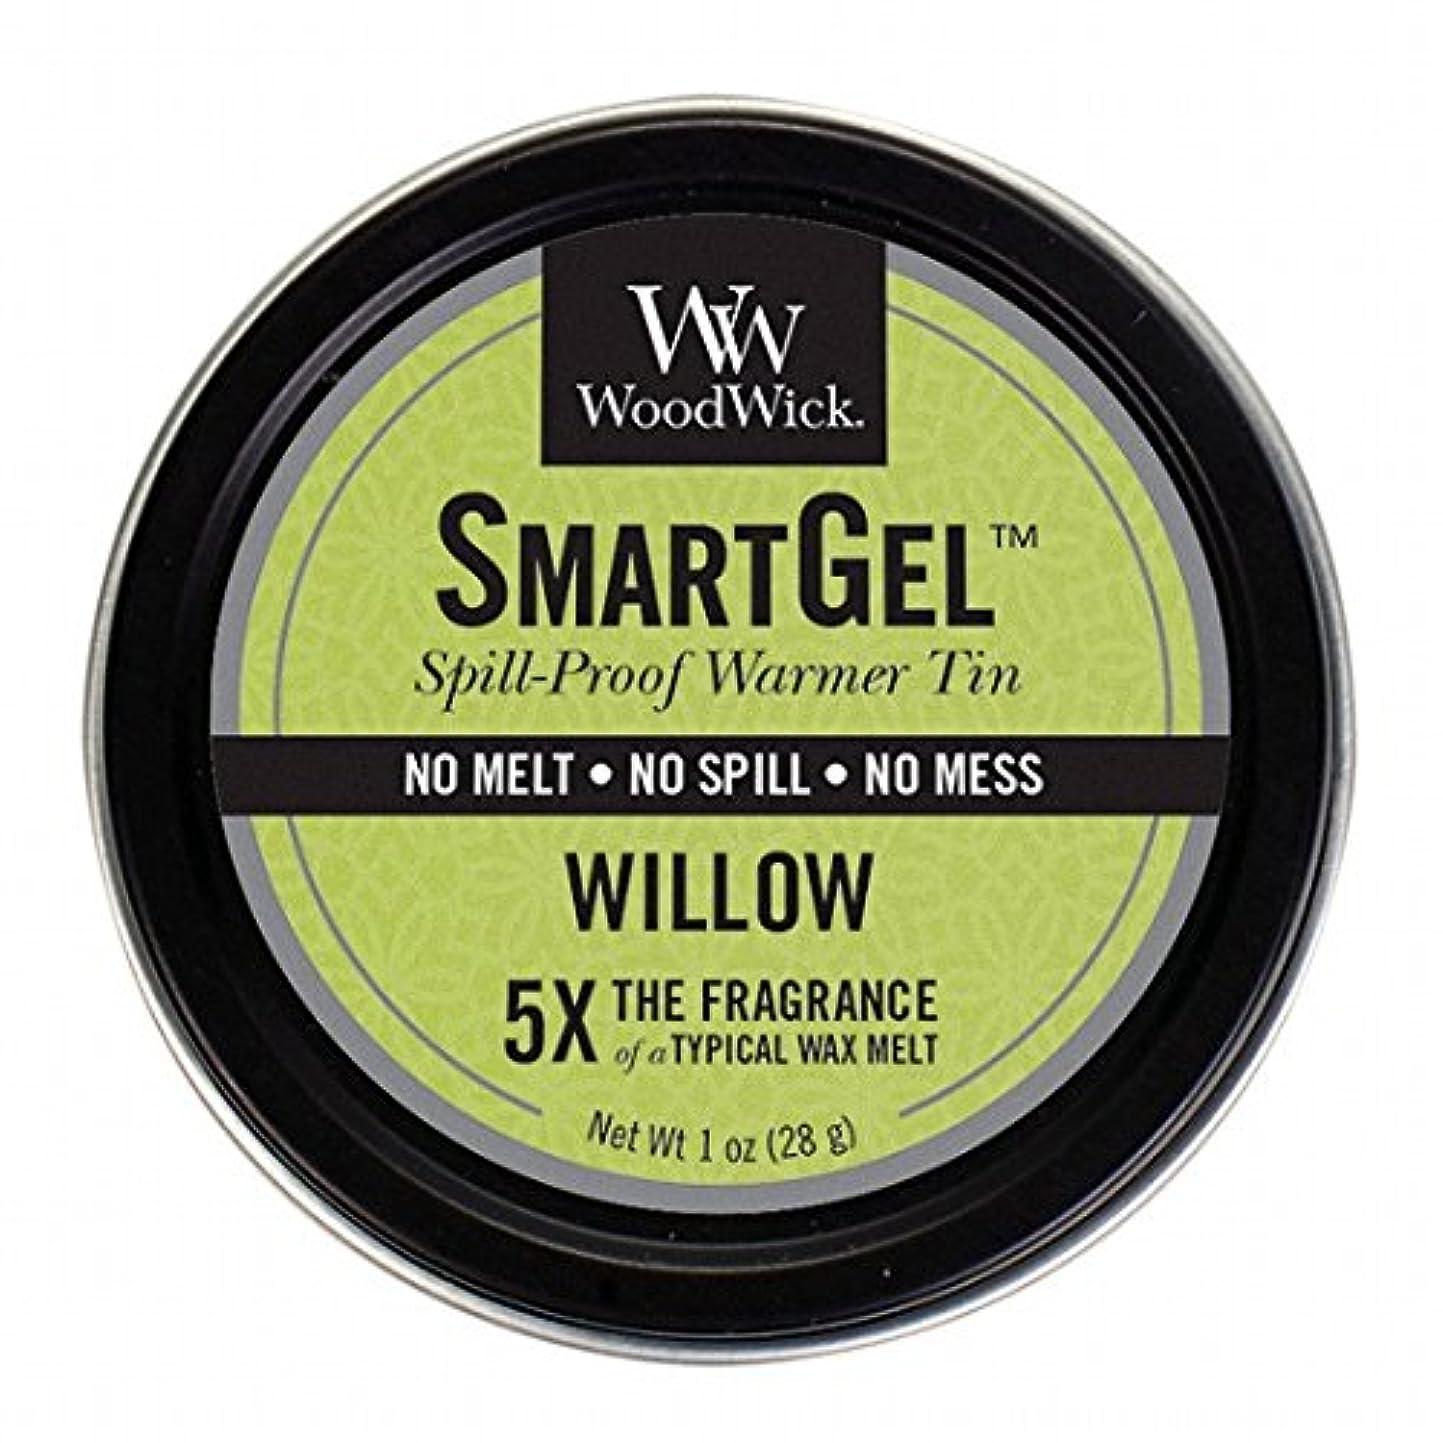 いう回路秋ウッドウィック( WoodWick ) Wood Wickスマートジェル 「 ウィロー 」W9630525